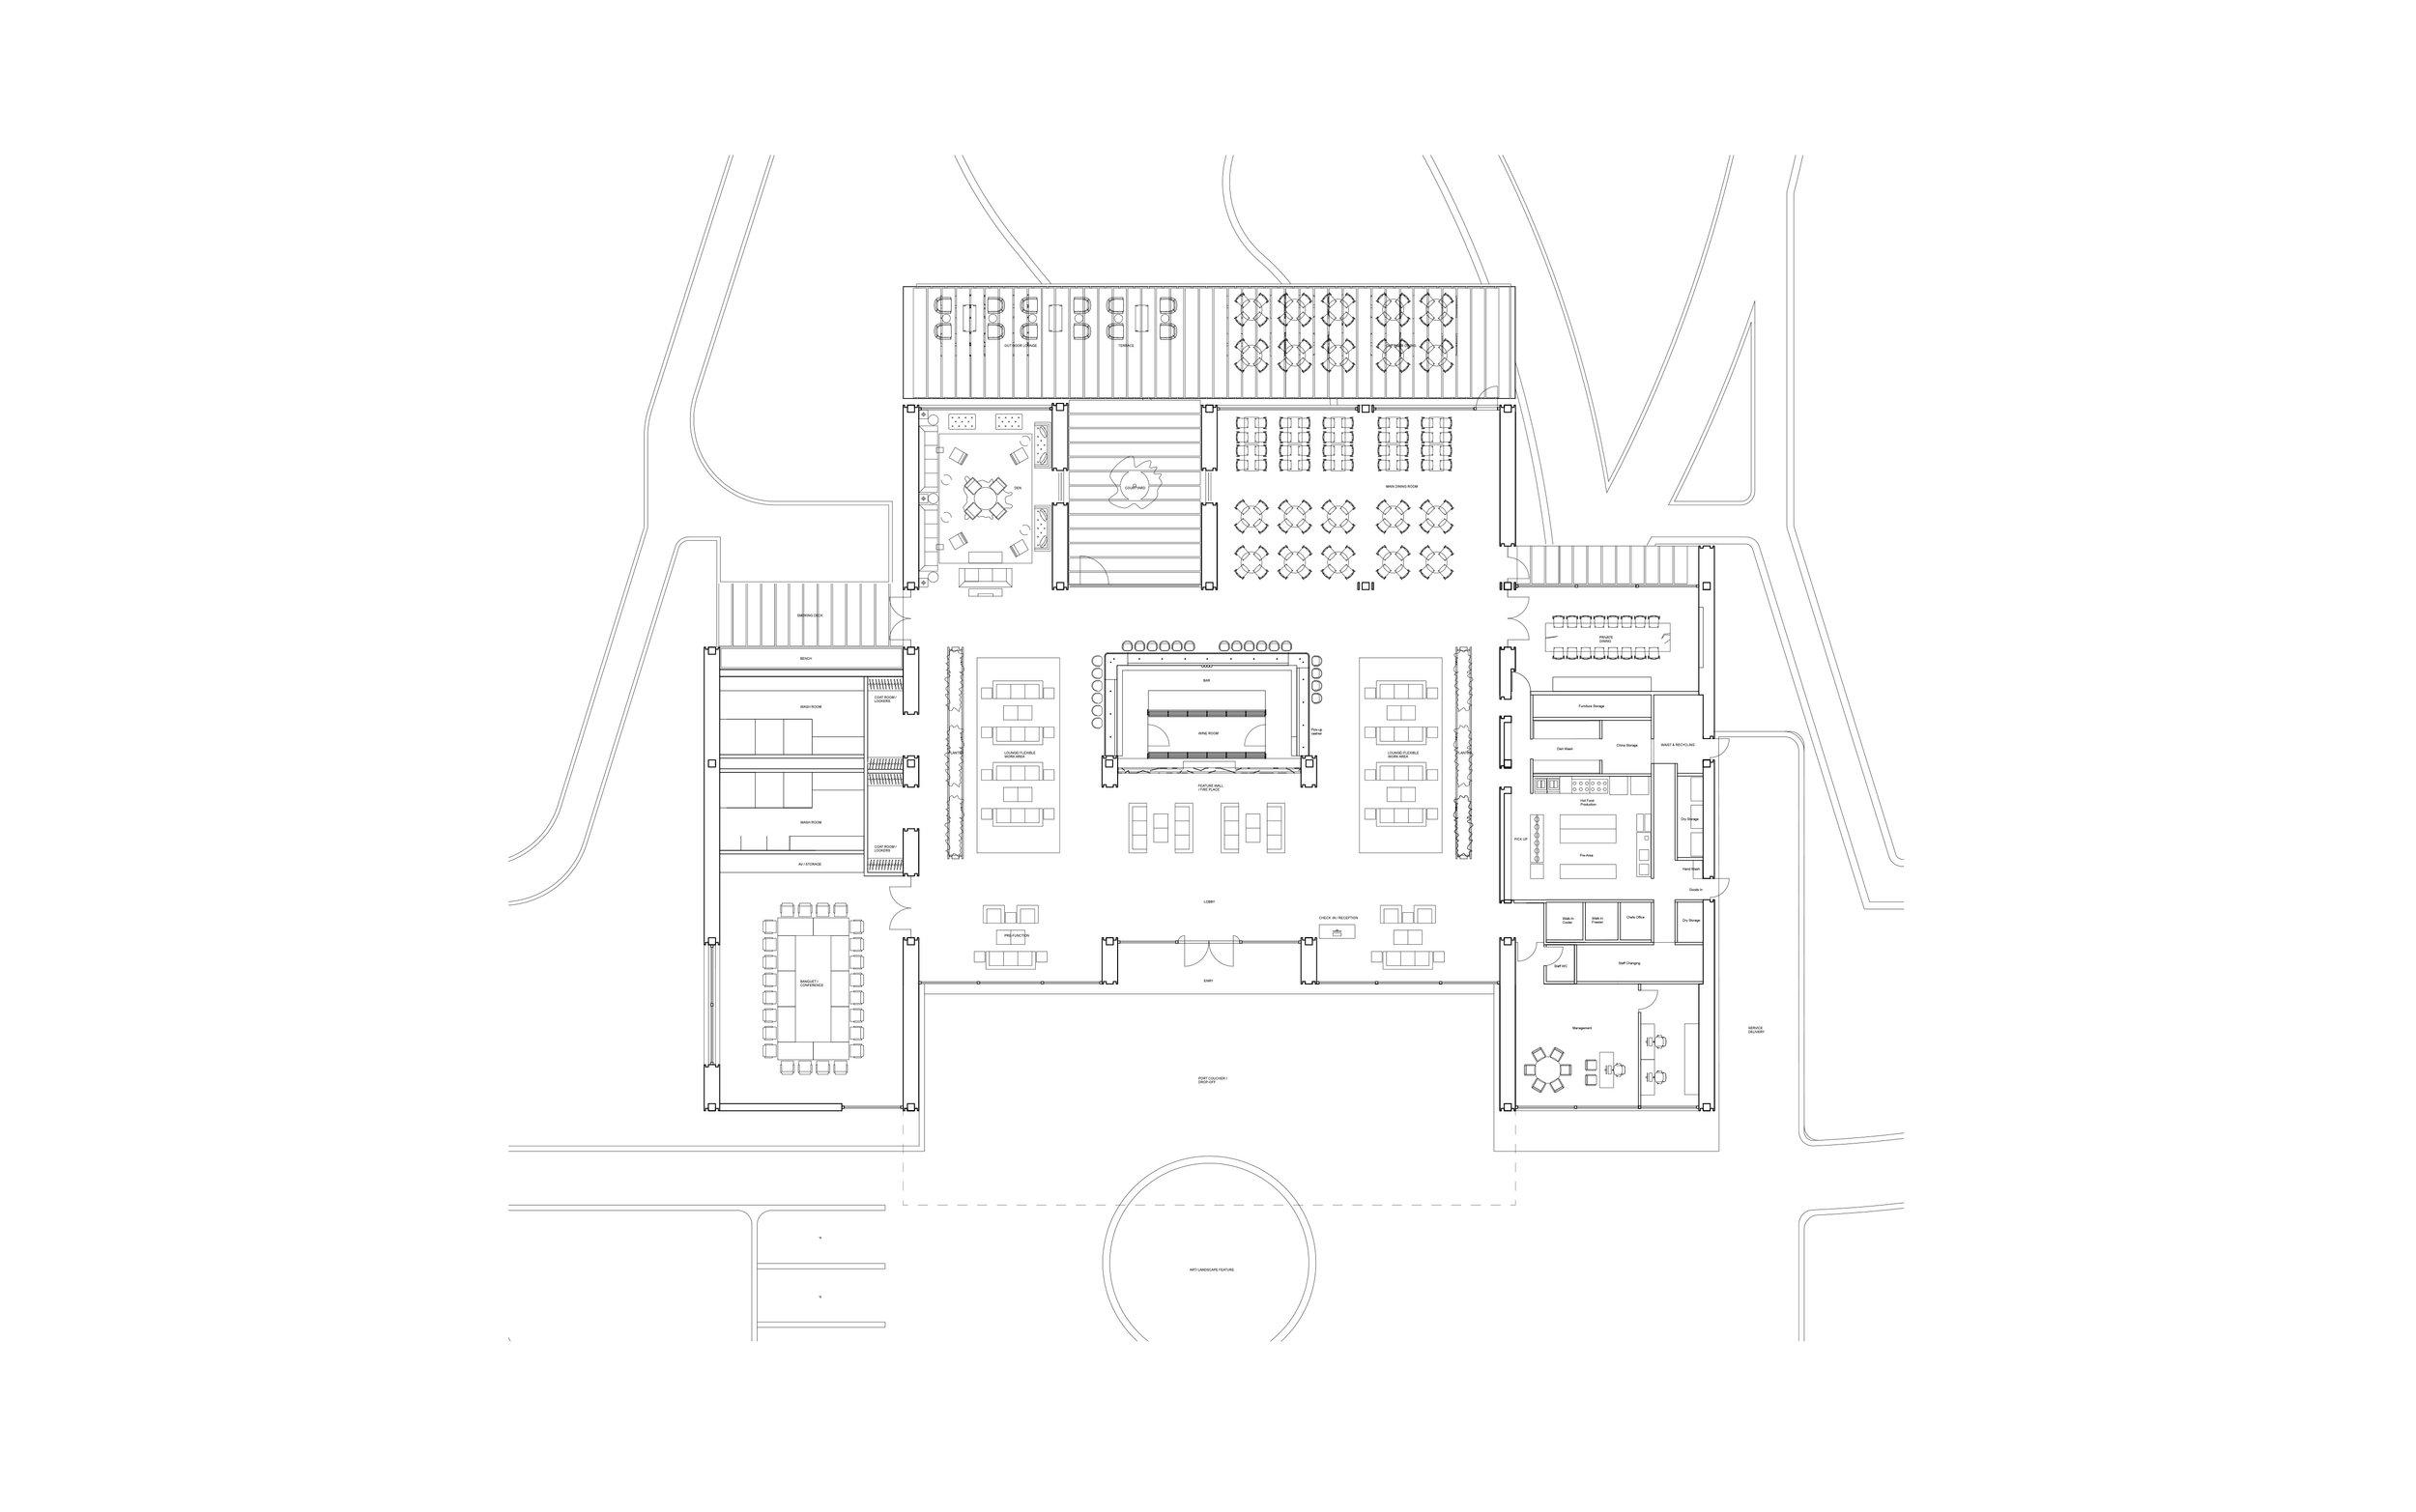 fsc plans.jpg